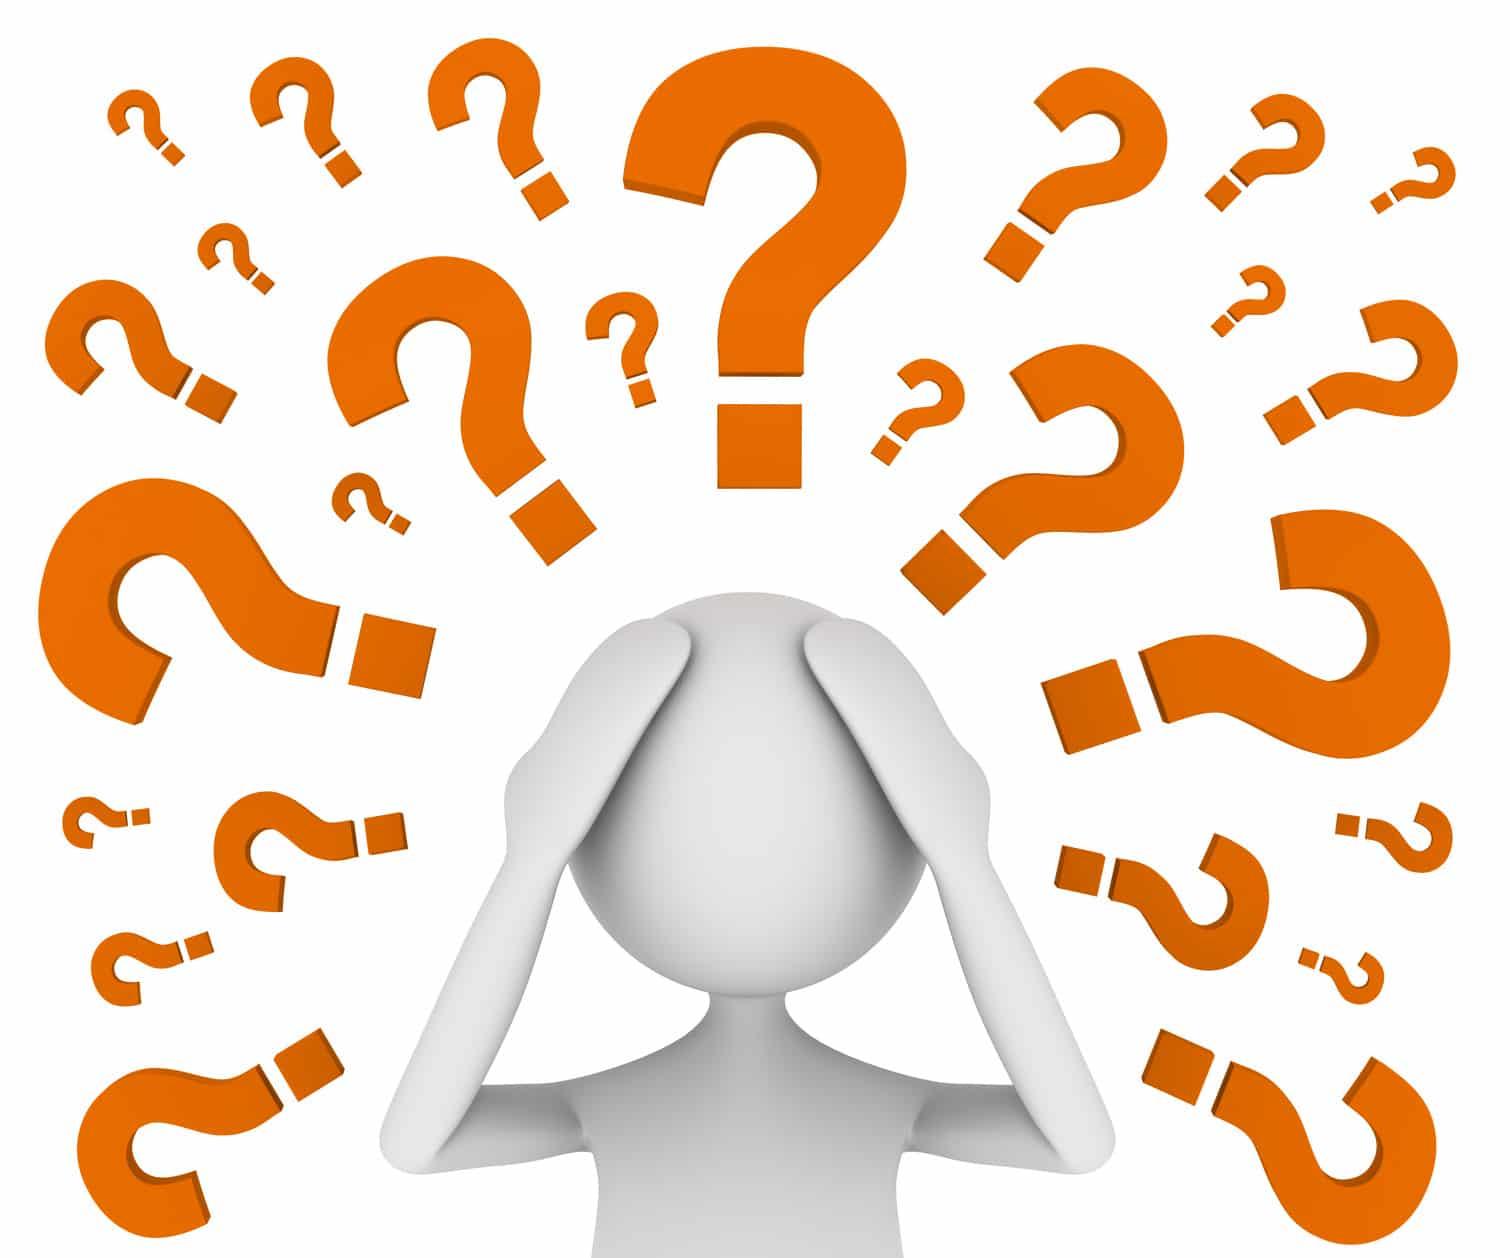 Din hjemmesides salgstekster skal besvare dine kunders spørgsmål